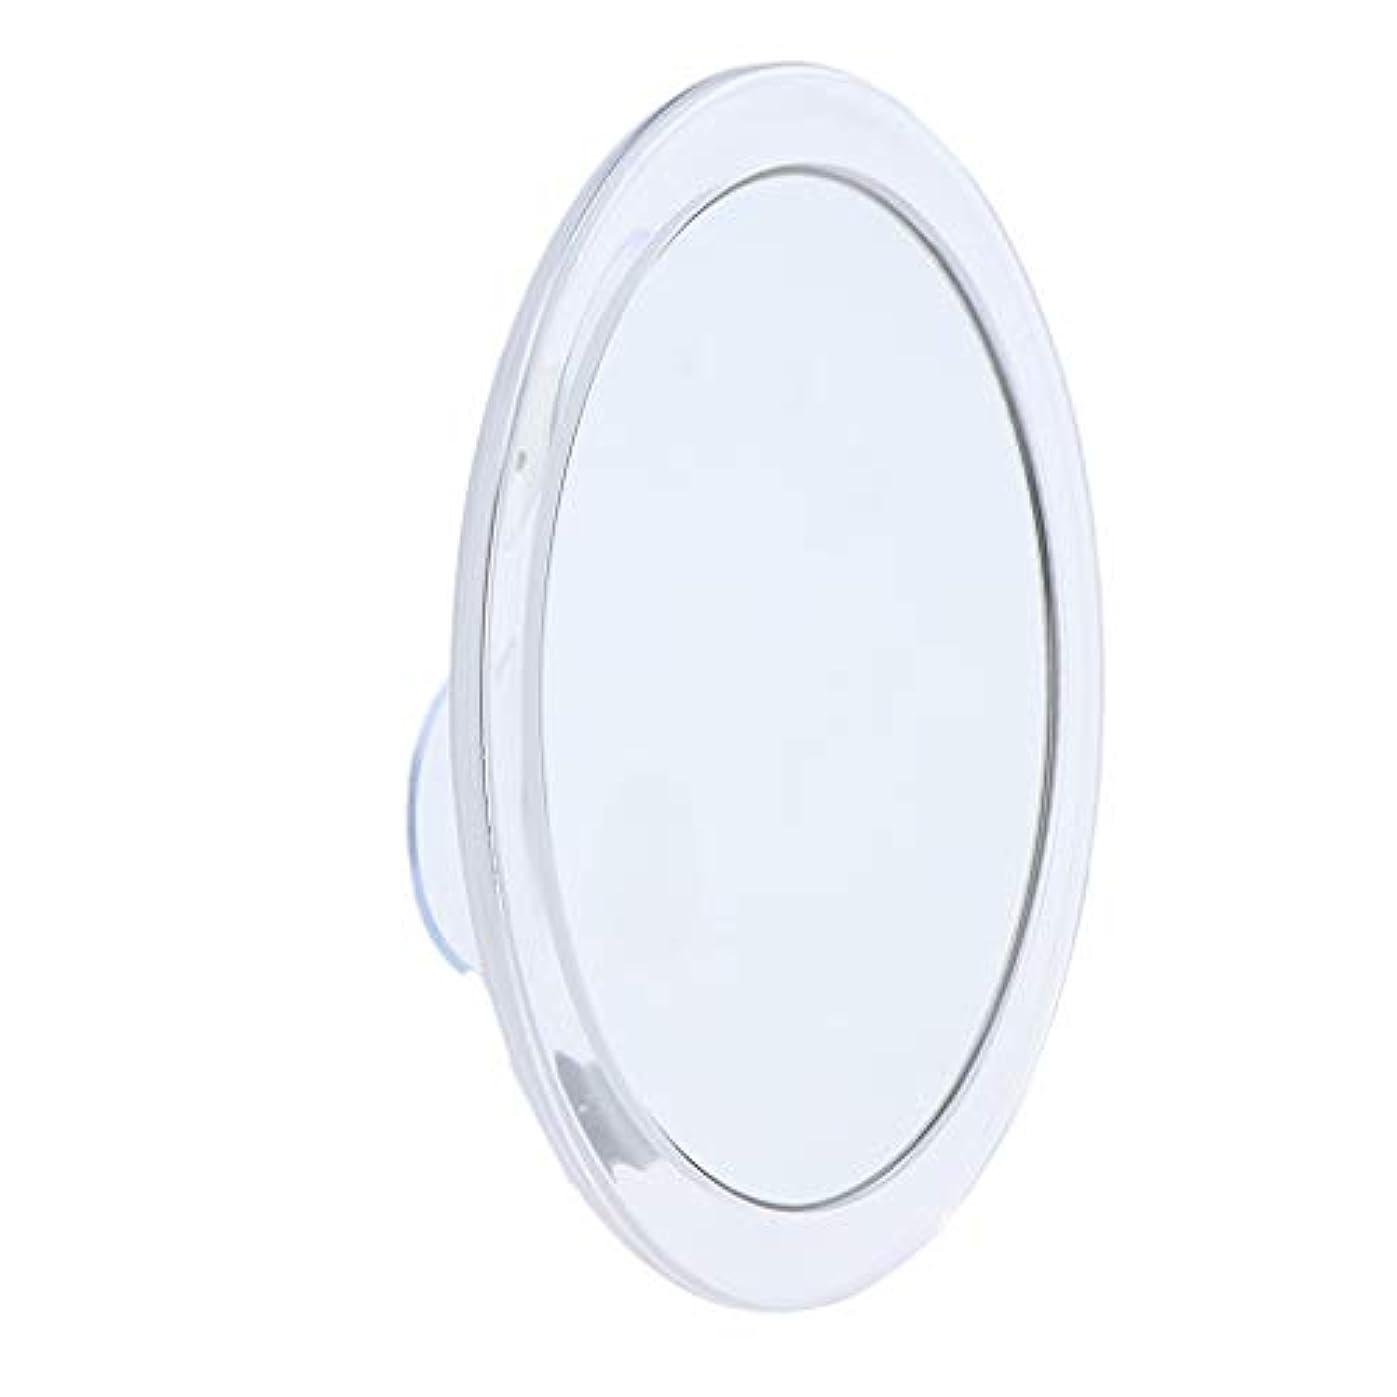 まともなホバート湾Toygogo サクションミラー 化粧ミラー 化粧鏡 メイクアップミラー 5倍 拡大鏡 吸盤付き